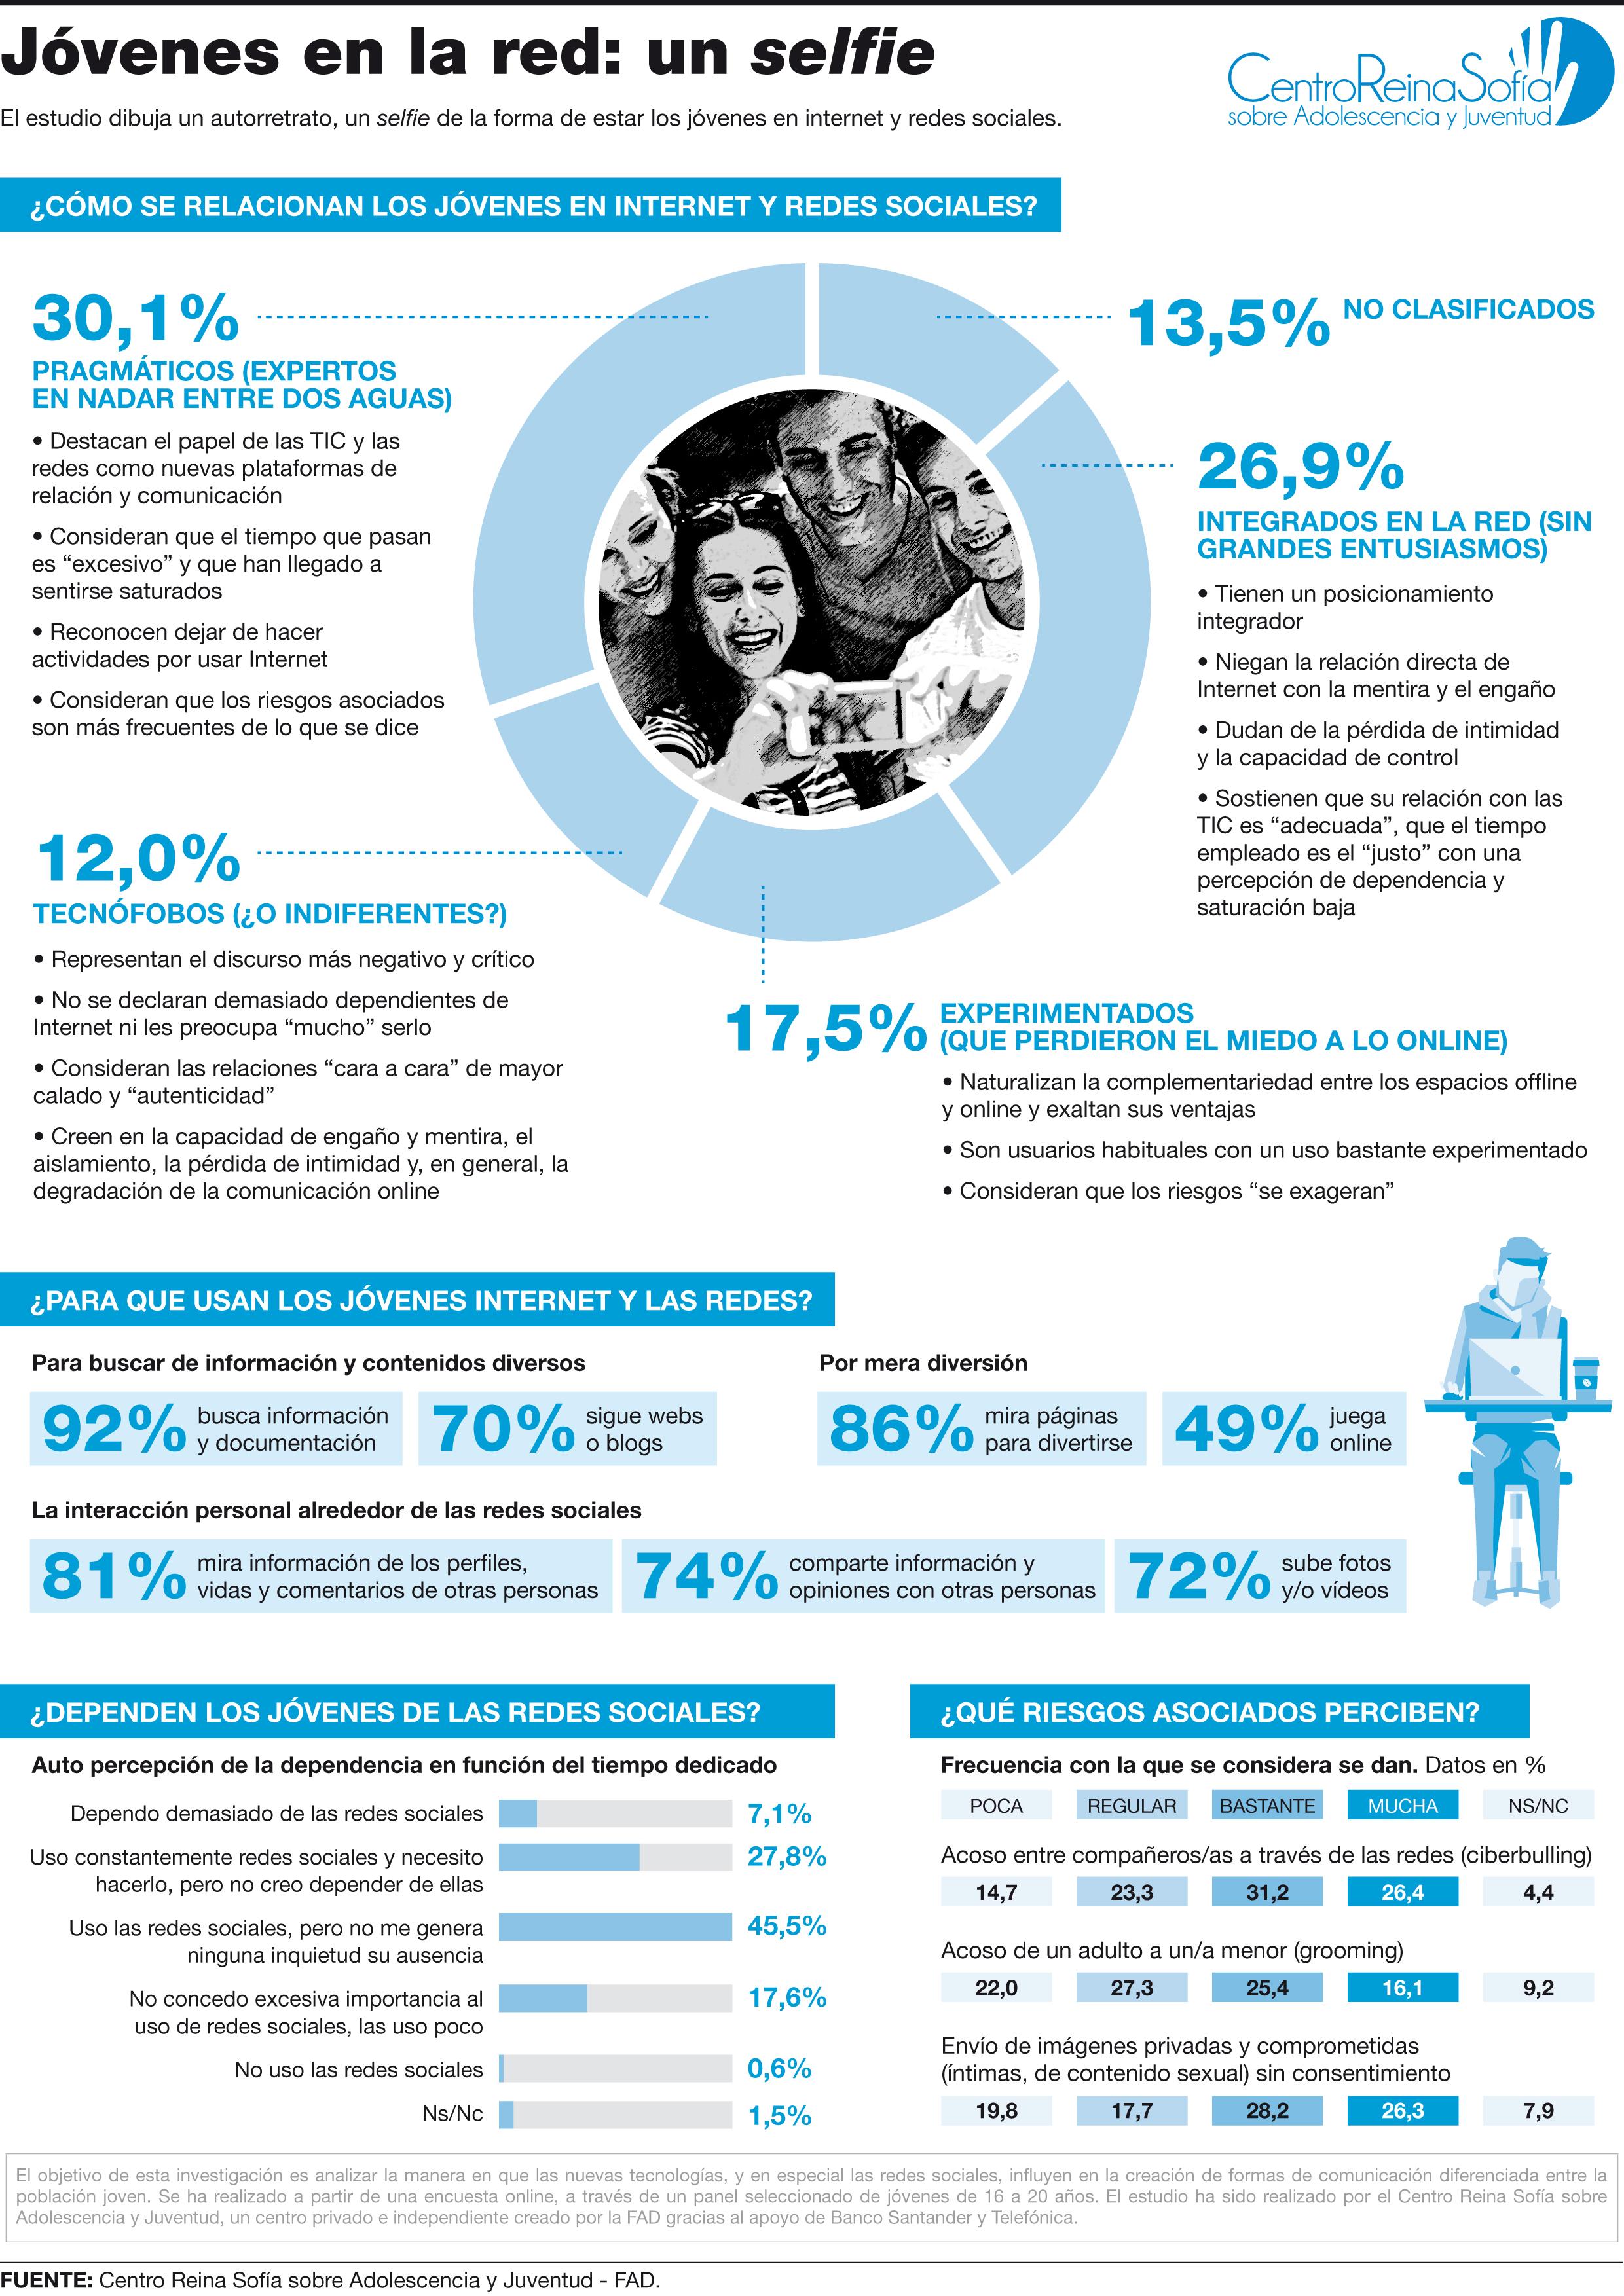 Infografía Jóvenes en la red un selfie